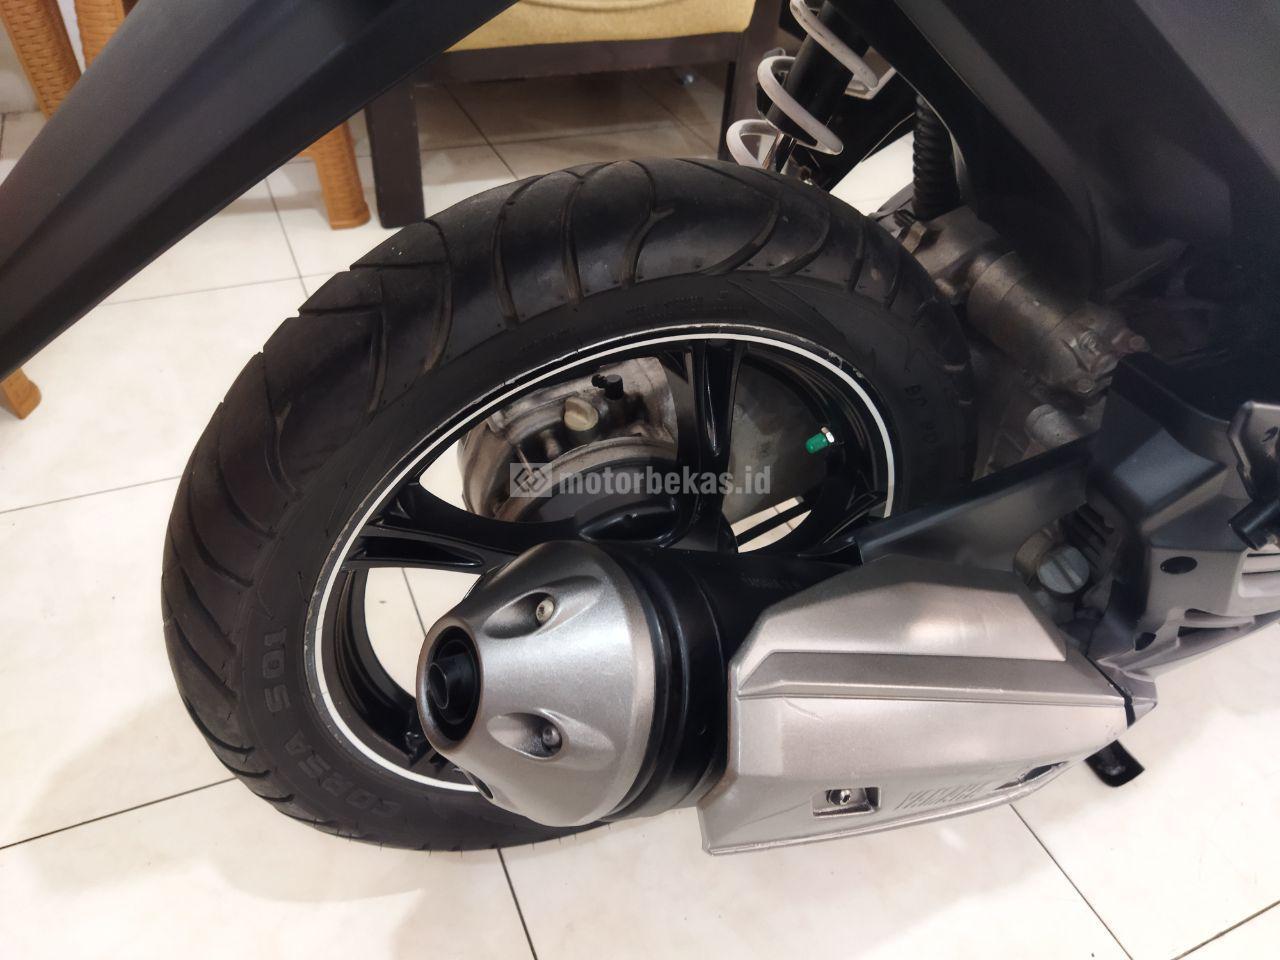 YAMAHA XEON GT 125 FI 1261 motorbekas.id